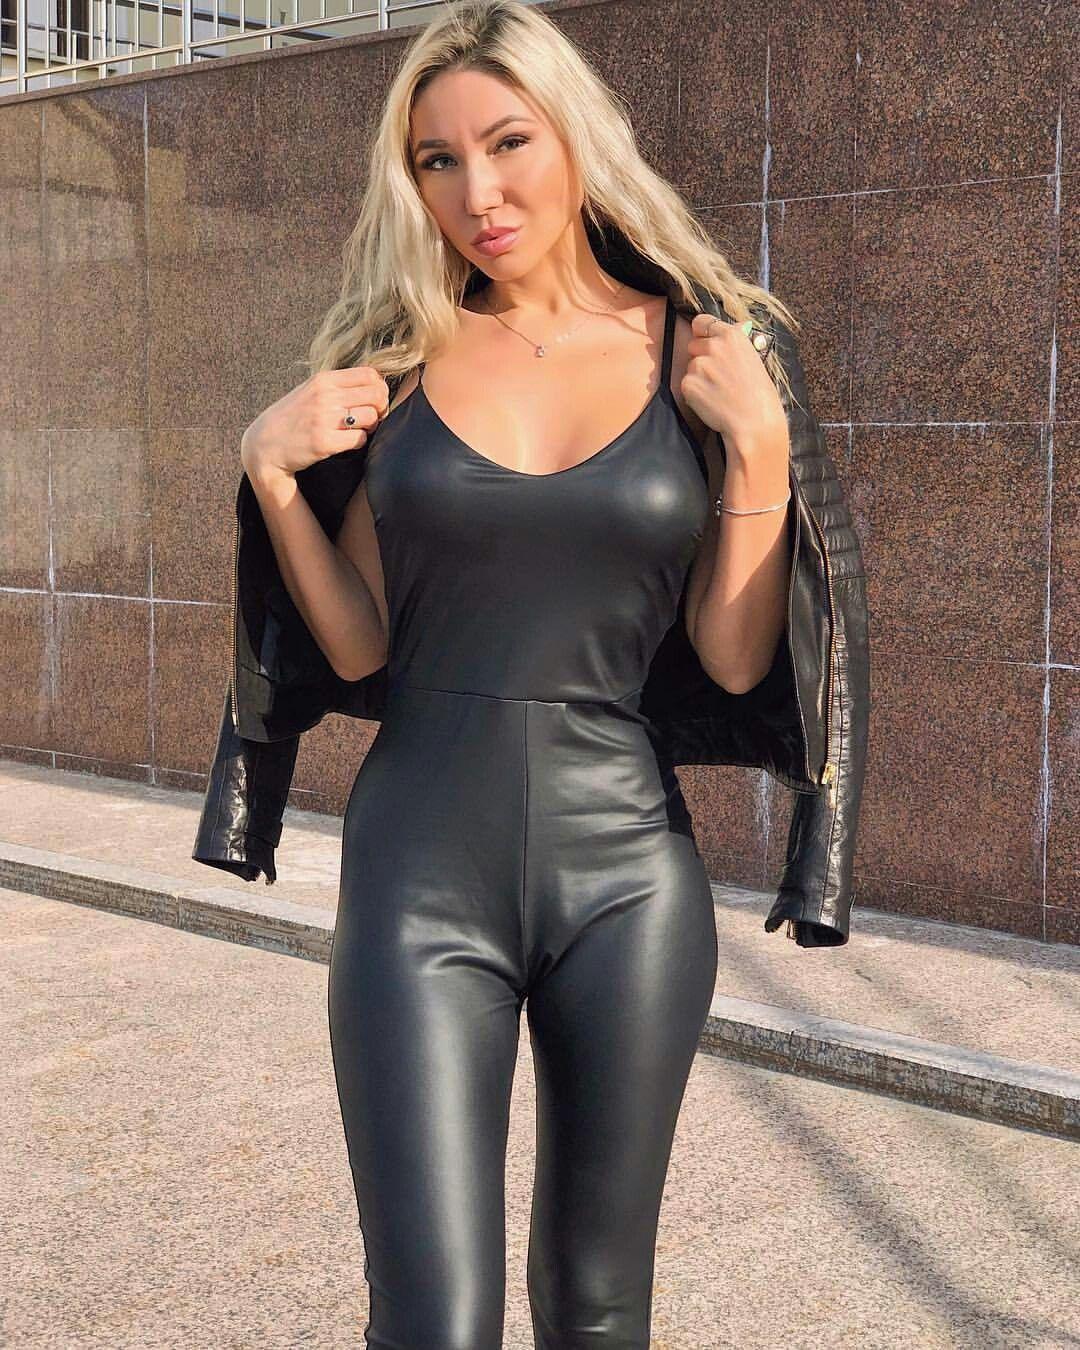 9490da6d399 Sleek Leather Outfit